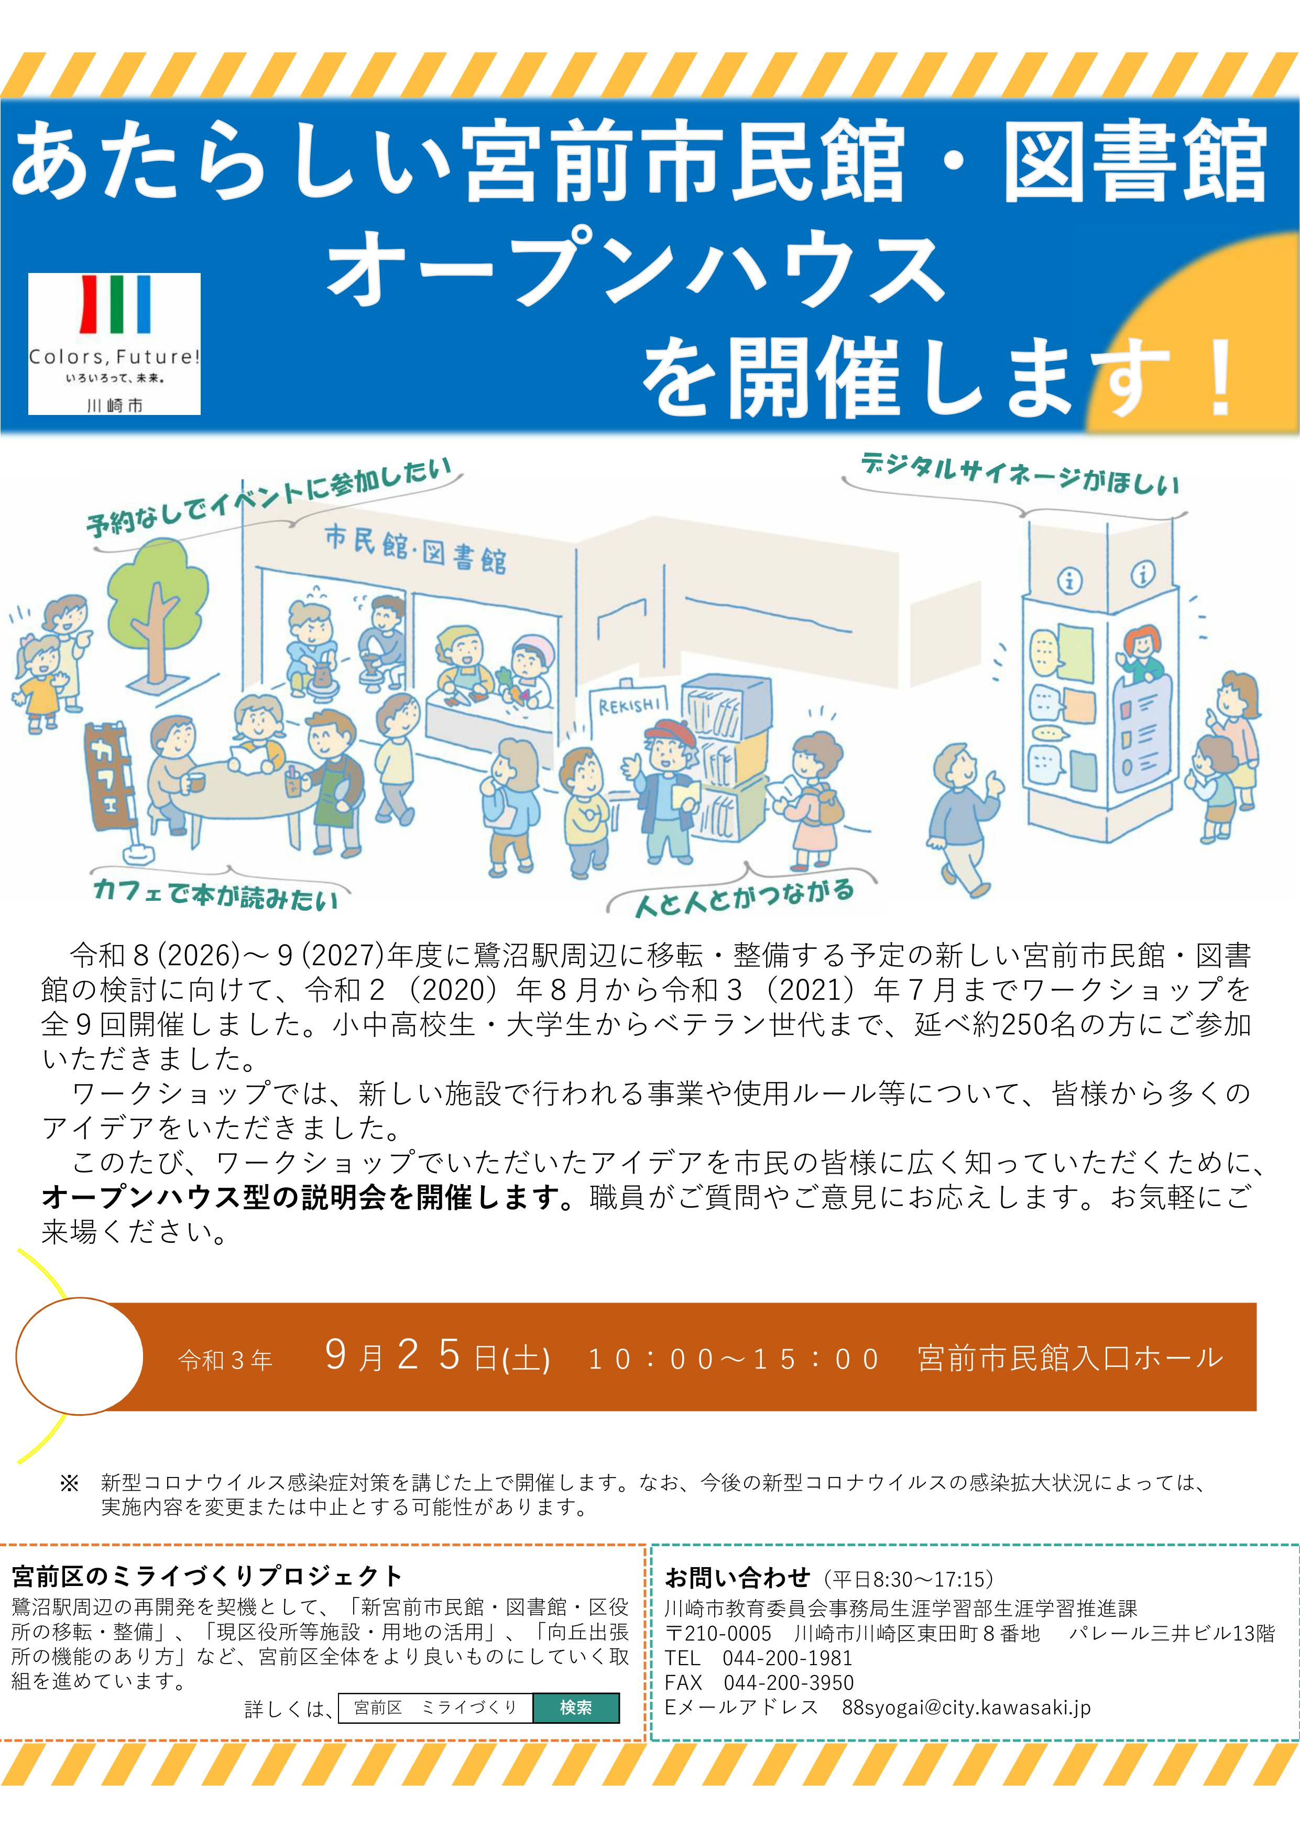 イベントカレンダー用_imgs-0001